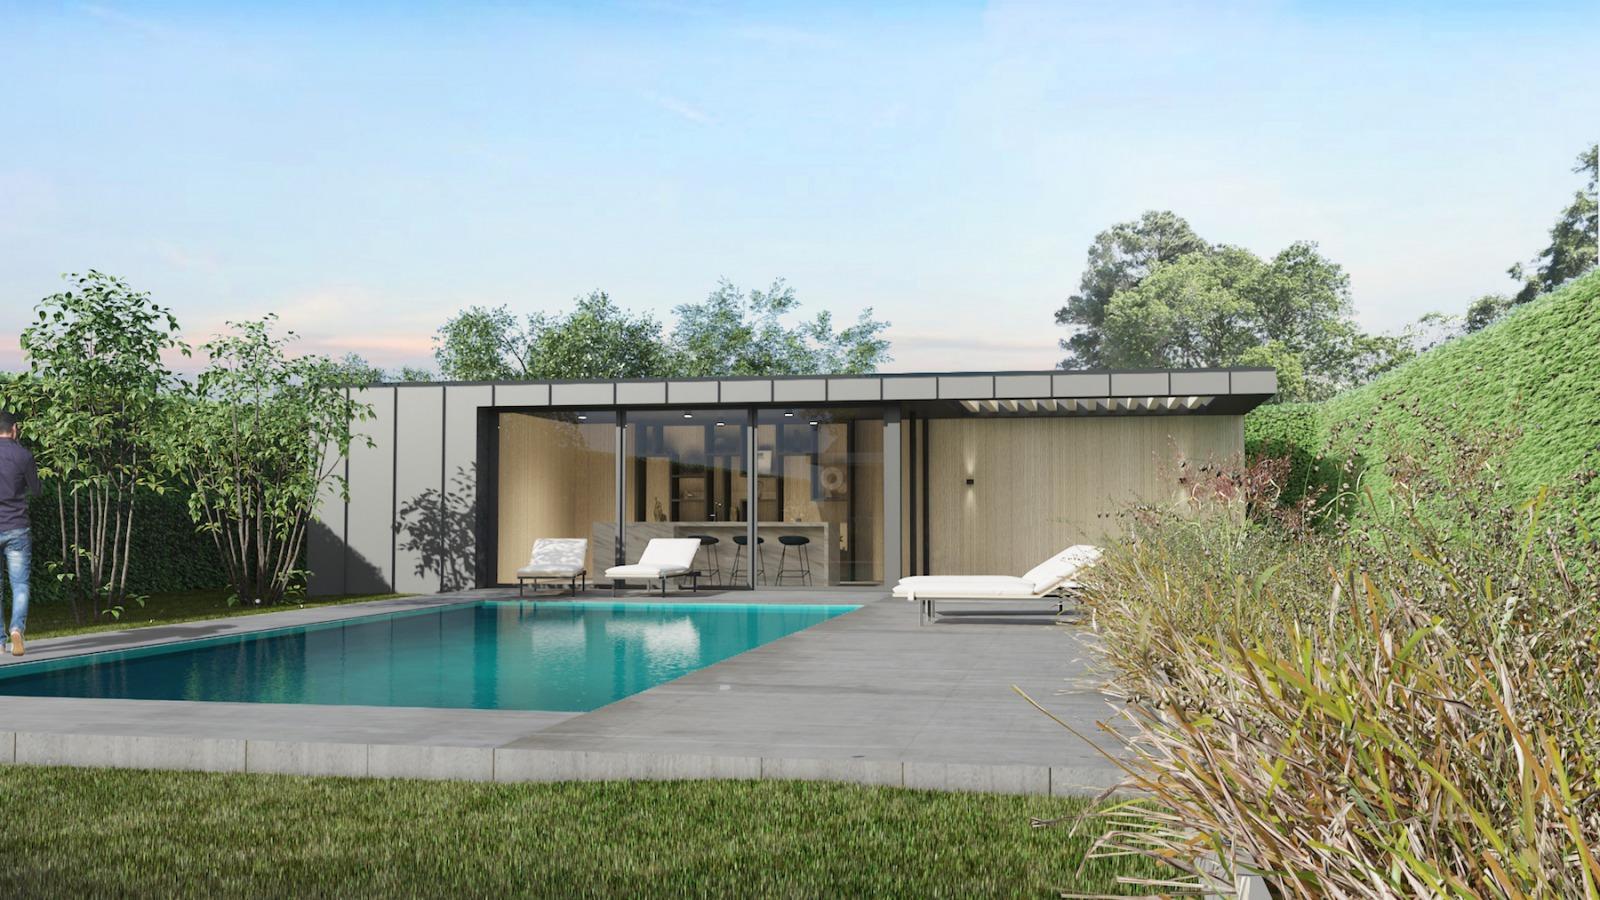 Ontwerp villa nijmegen poolhouse bouwen door architect uit Nijmegen